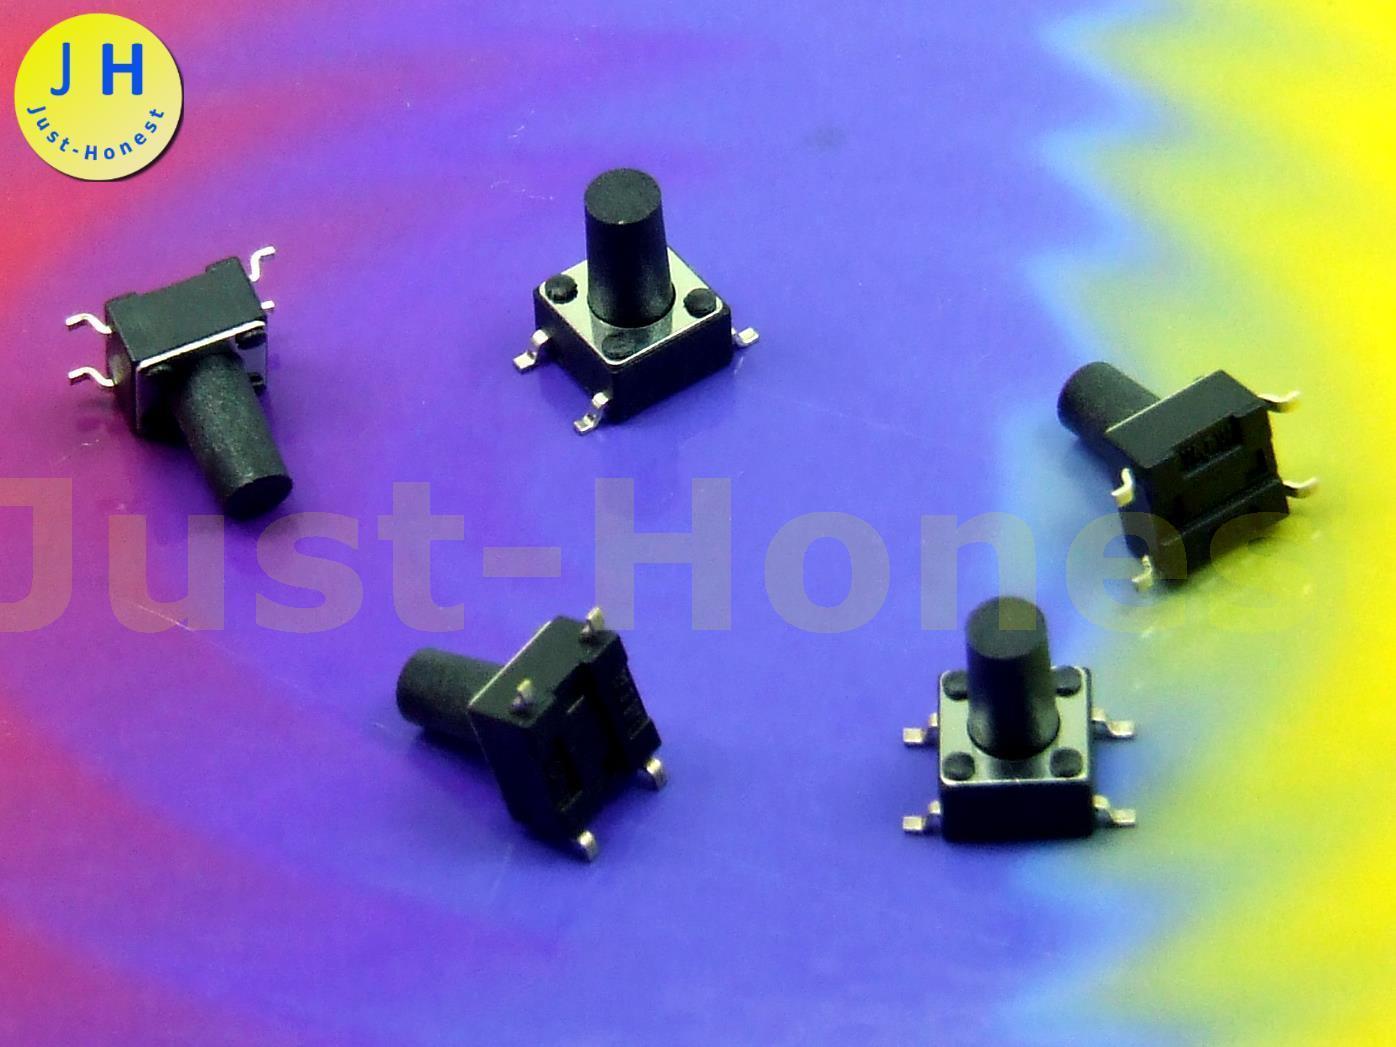 5 Stk 6mm x 6mm 7mm SMD Rundkopf #A2737 x Taster